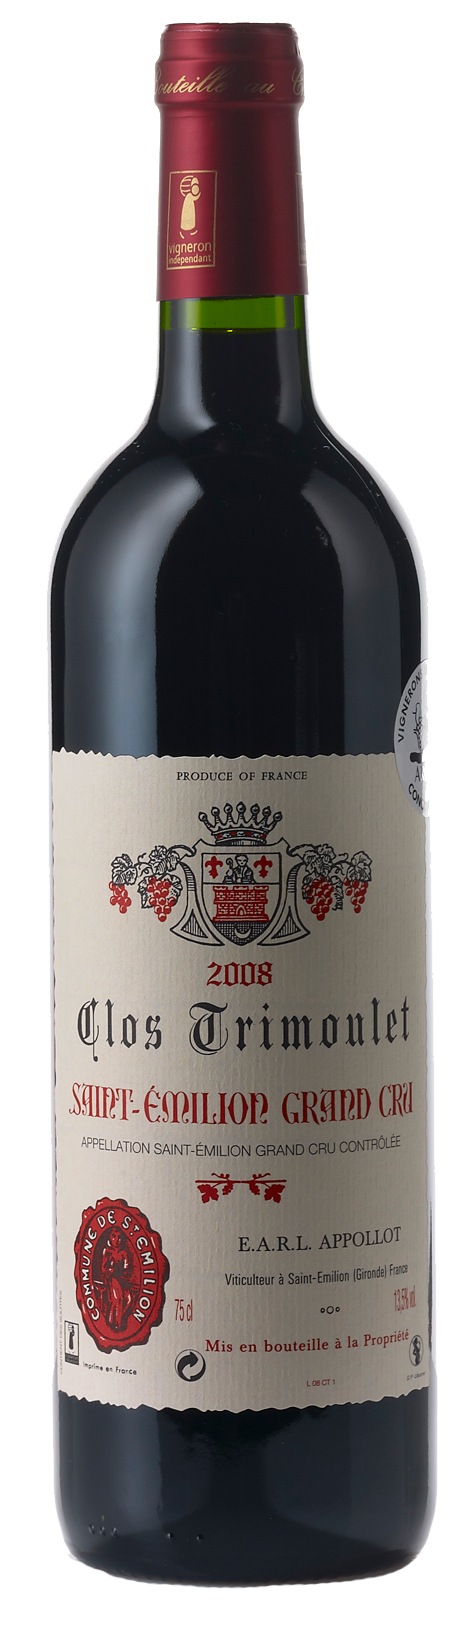 Clos Trimoulet AOC